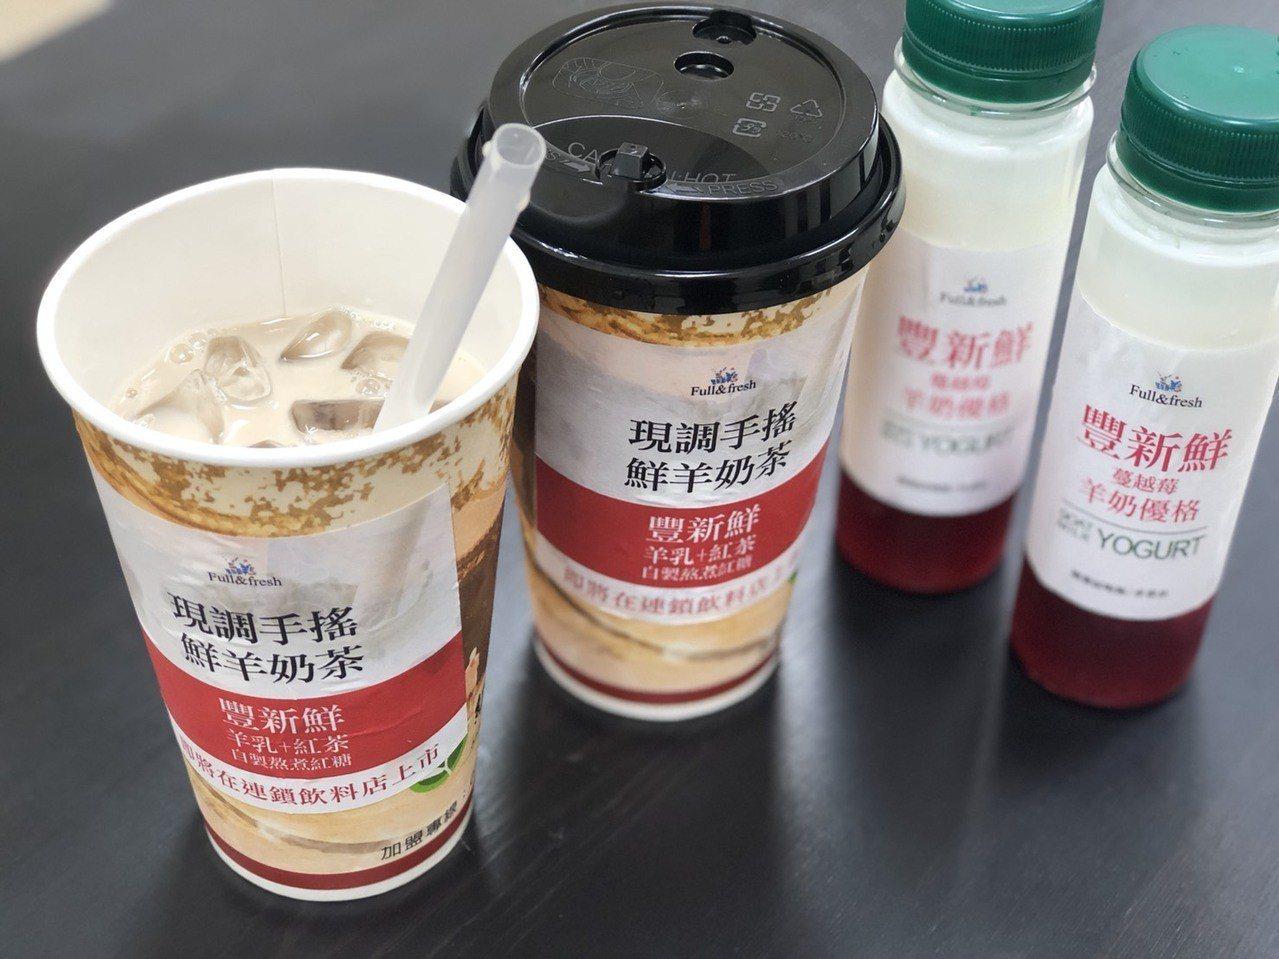 羊乳製成鮮羊奶茶、羊奶優格等都相當美味,營養價值也高。記者王慧瑛/攝影